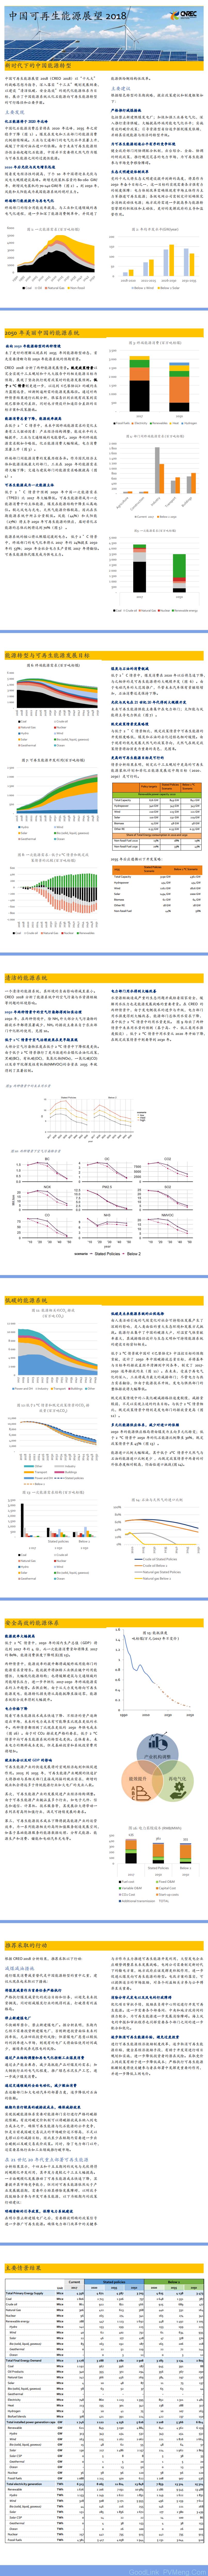 【20181019】中国可再生能源展望2018